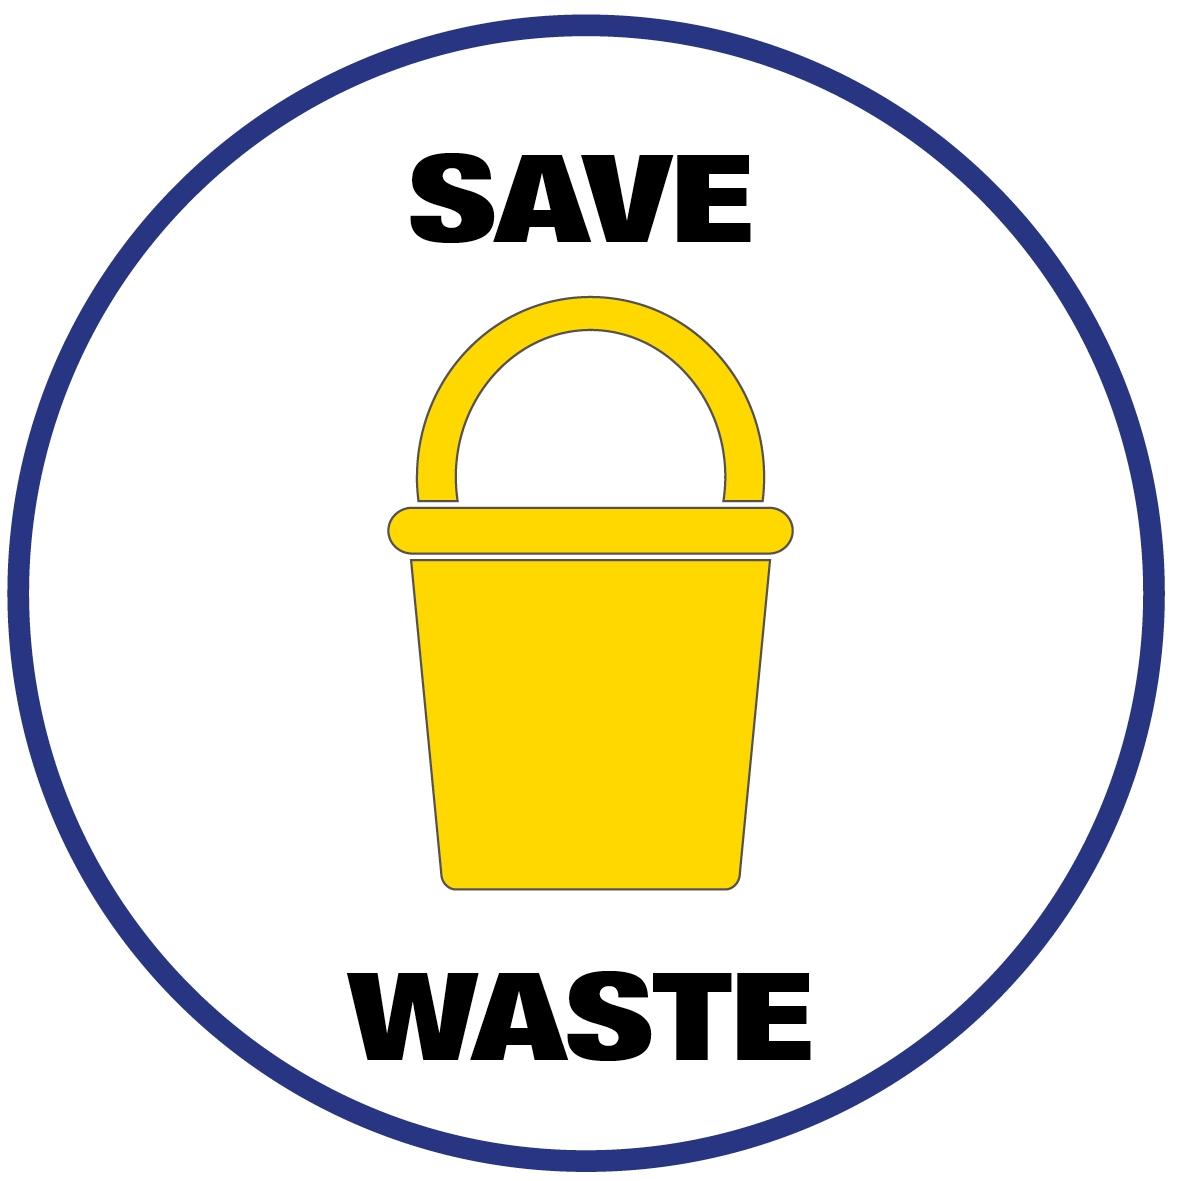 save_waste.jpg